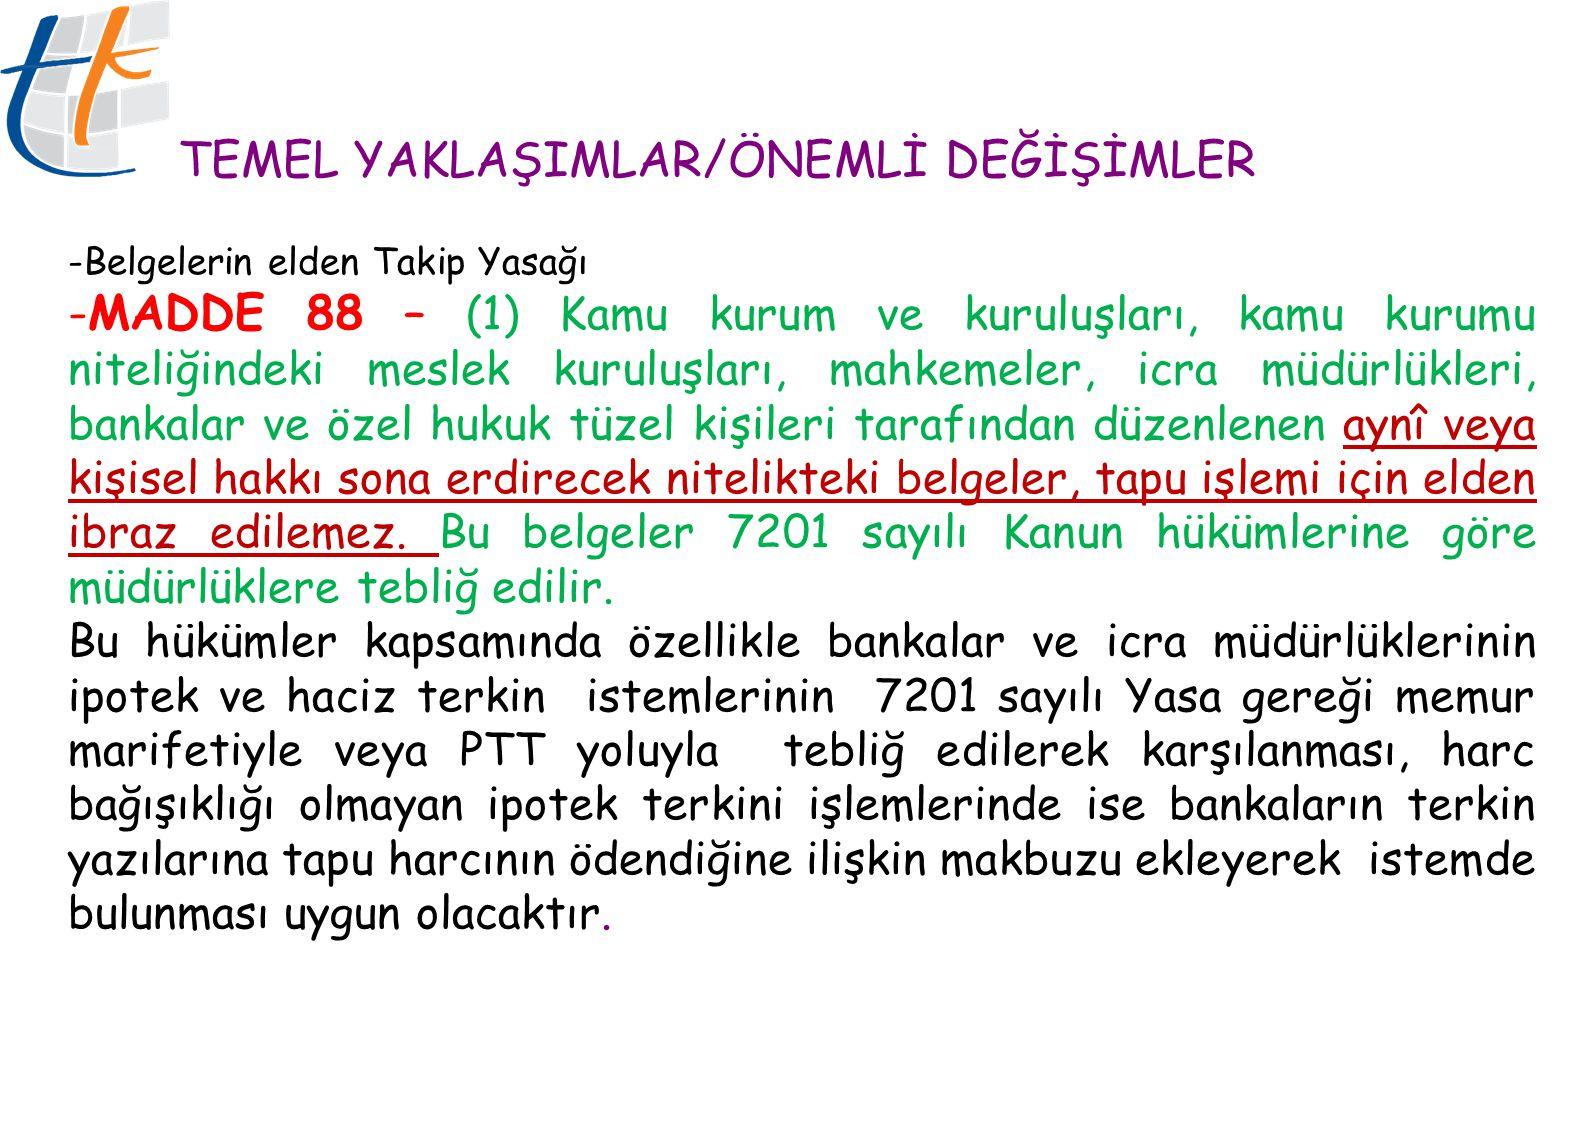 TEMEL YAKLAŞIMLAR/ÖNEMLİ DEĞİŞİMLER